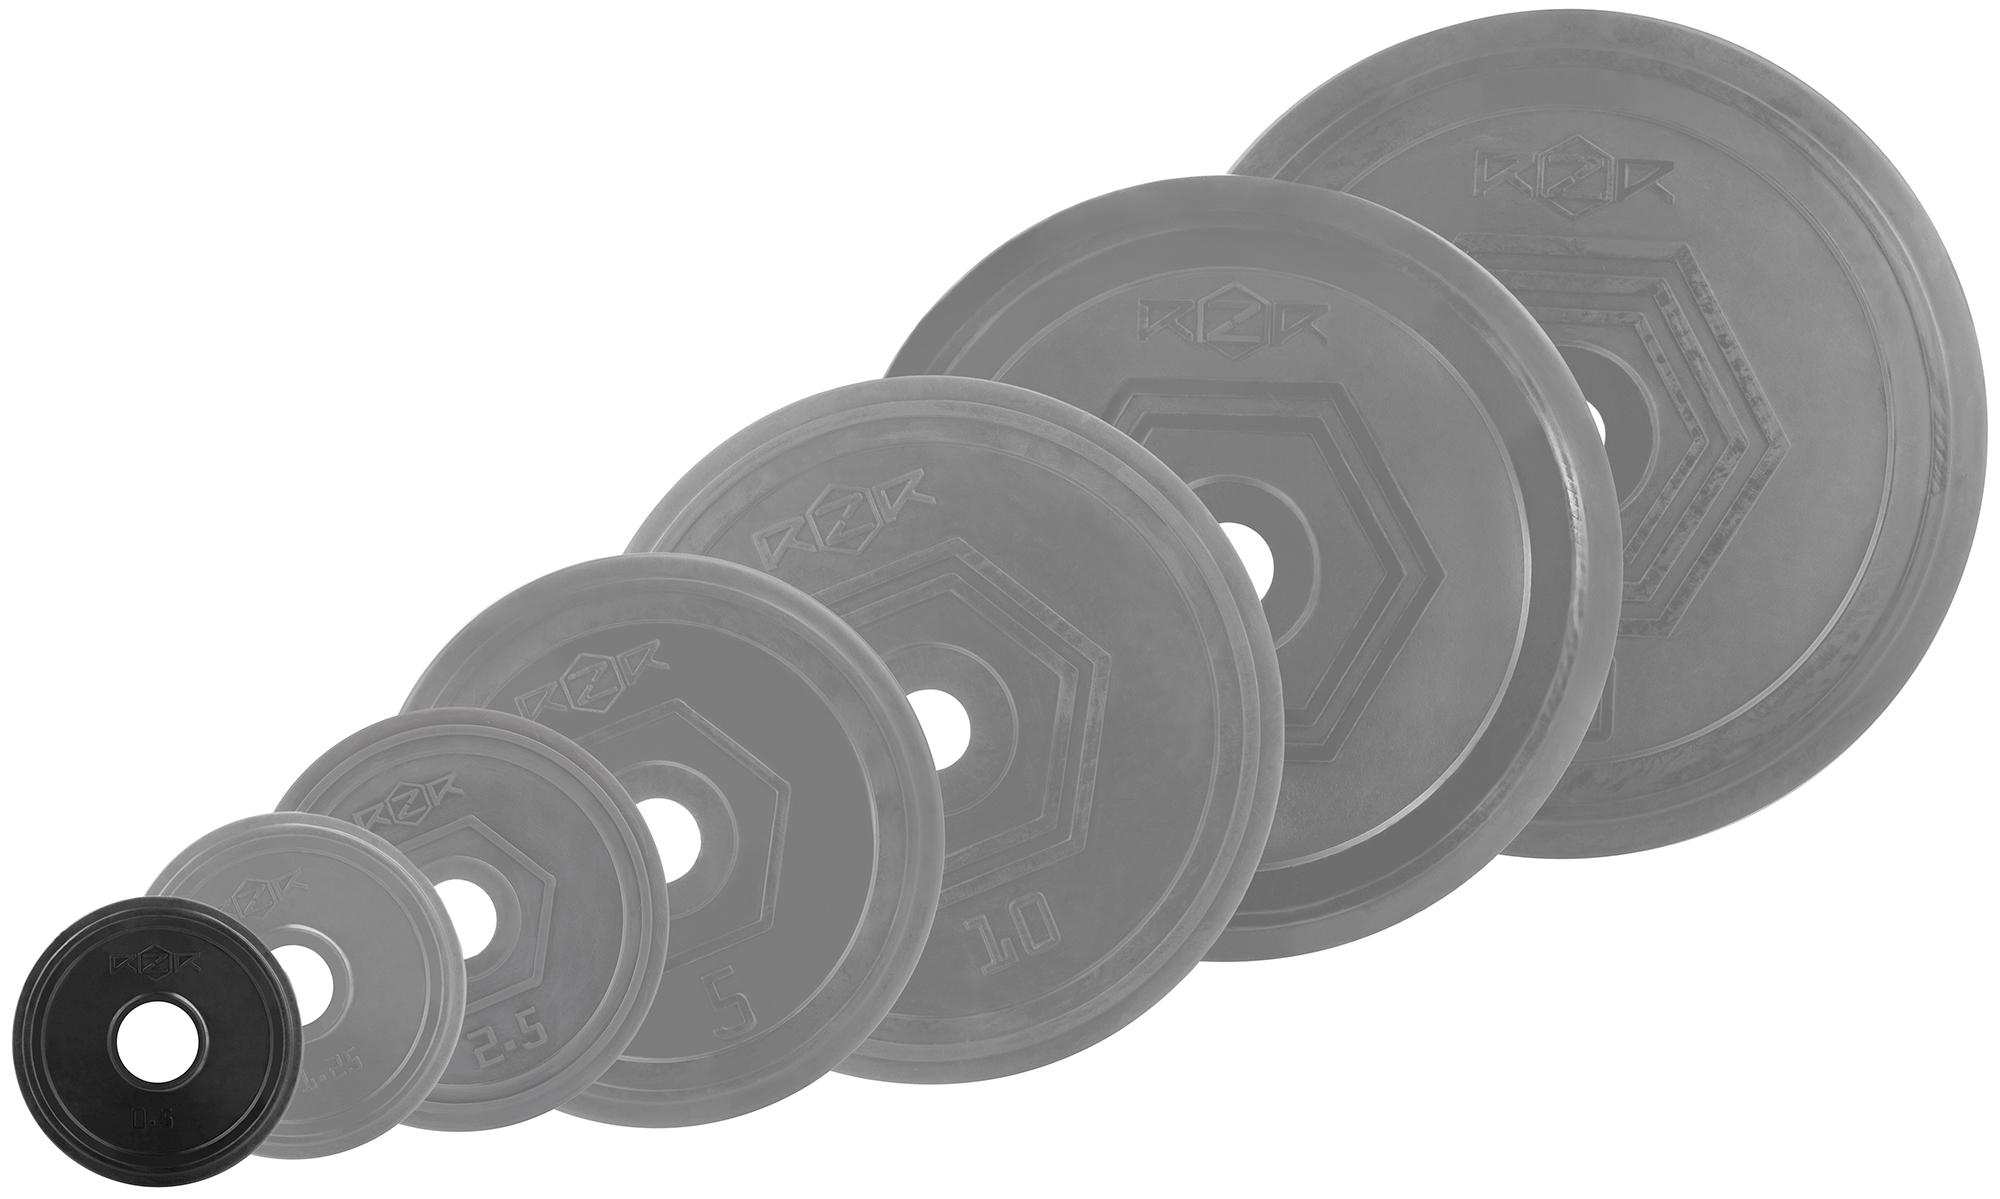 RZR Блин стальной обрезиненный RZR 0,5 кг диск обрезиненный titan 51 мм 5 кг черный